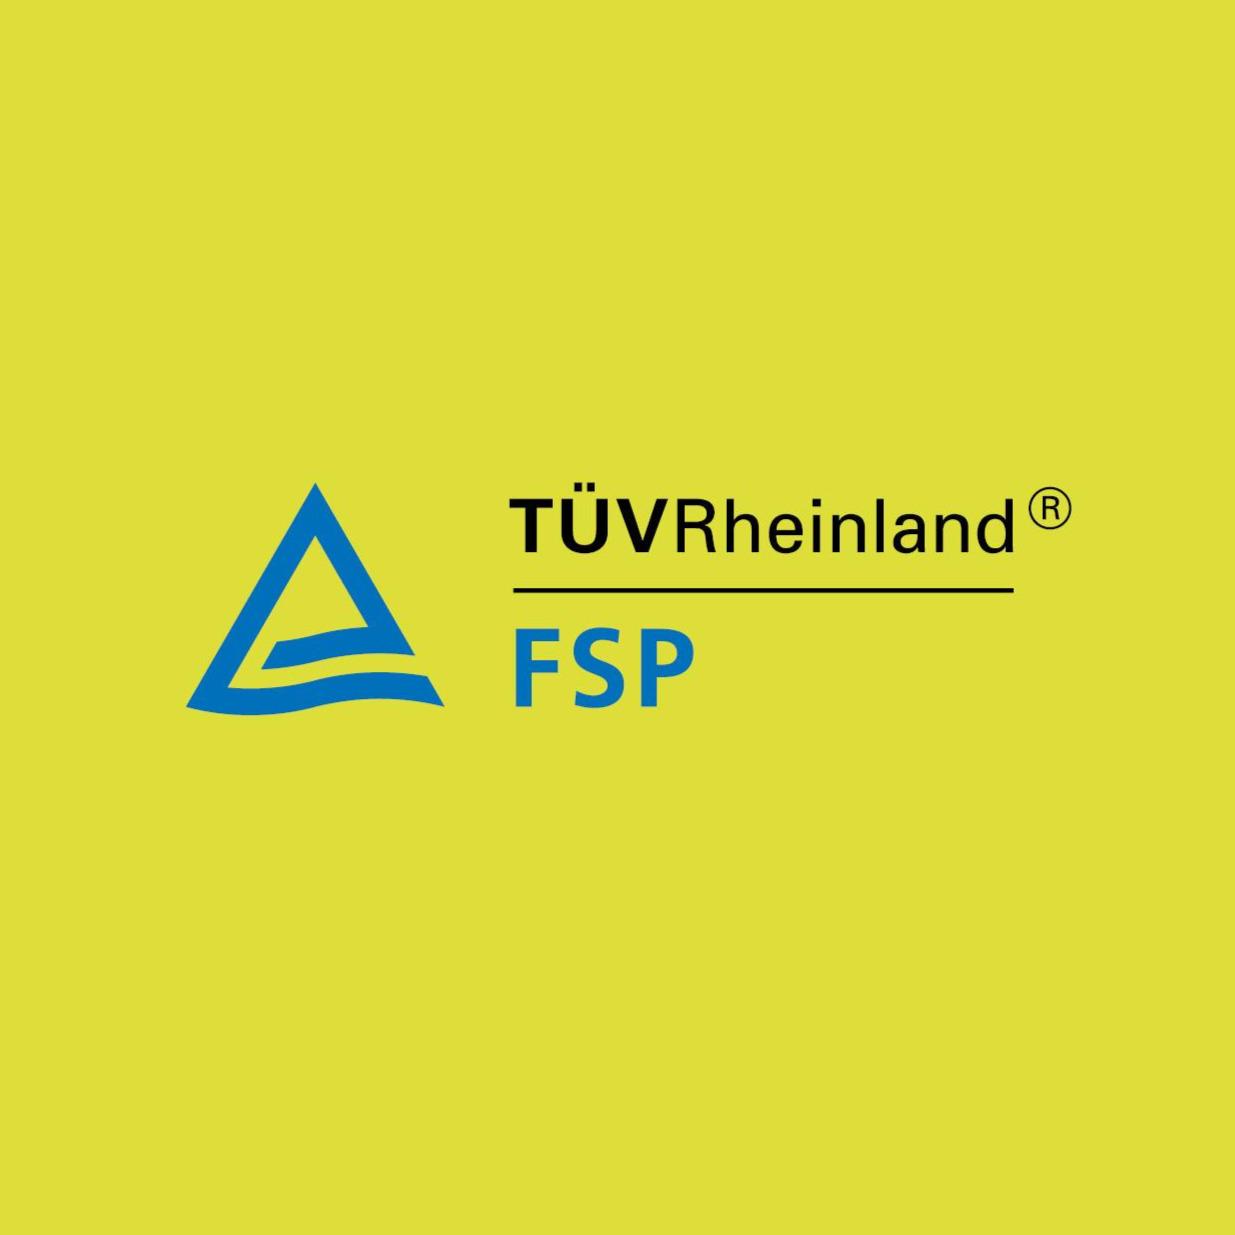 Bild zu Kfz-Prüfstelle Augsburg/ FSP-Prüfstelle/ Partner des TÜV Rheinland in Augsburg